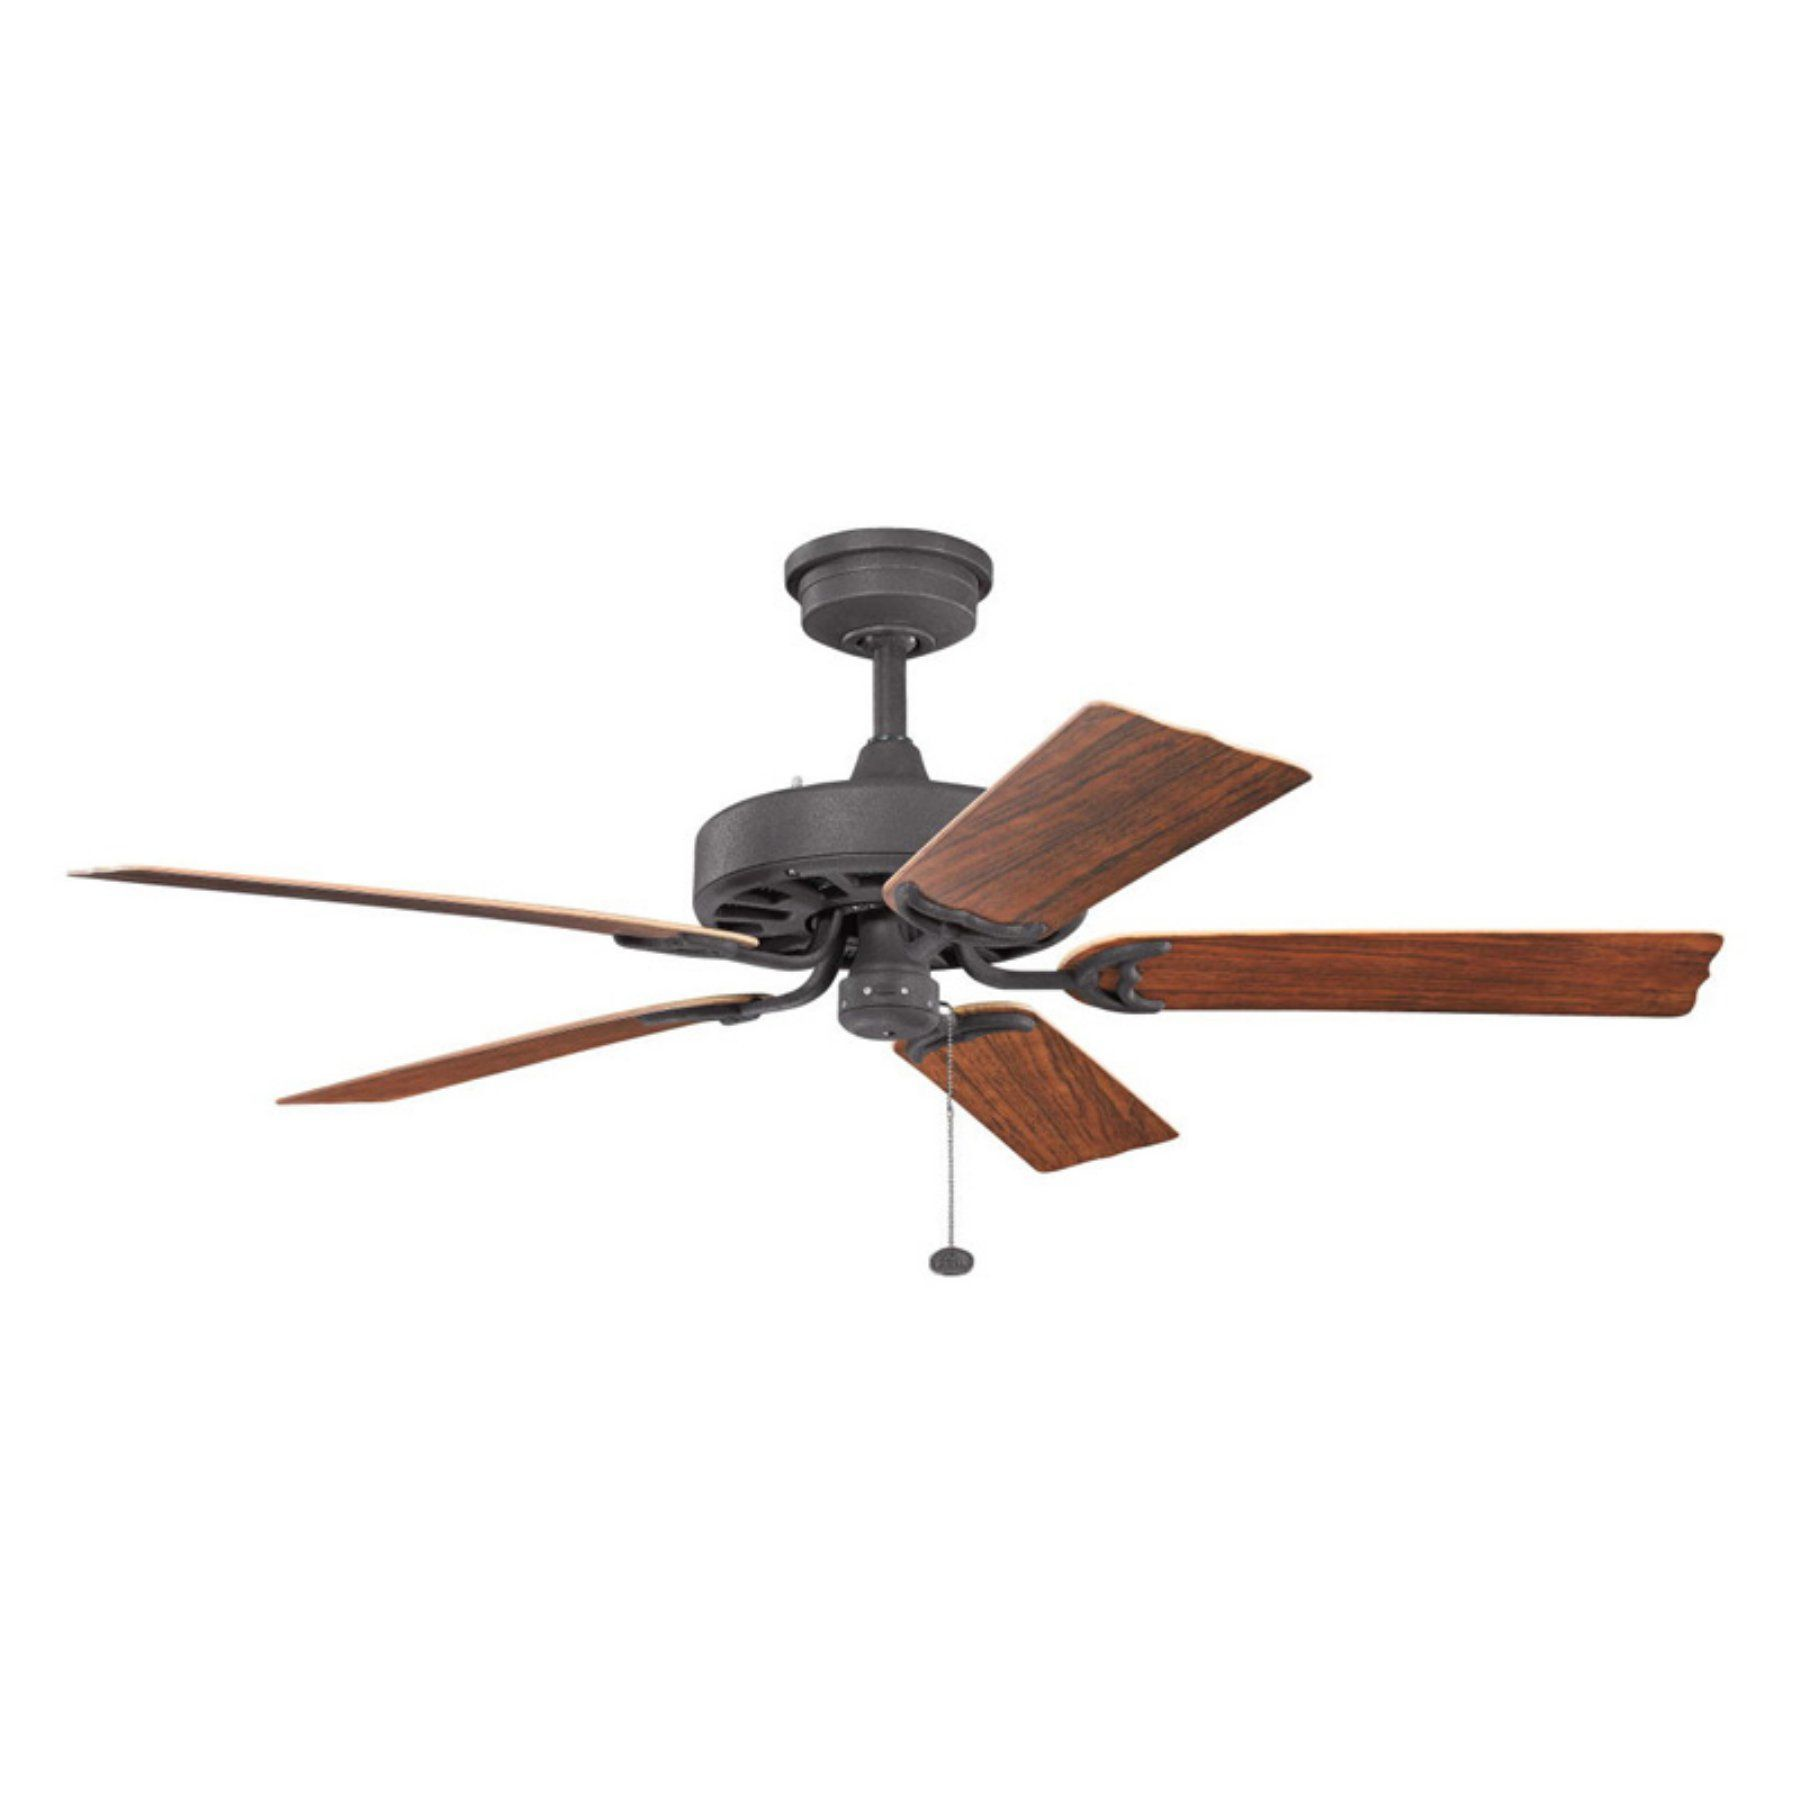 Kichler Fryst Patio 52 in Ceiling Fan DBK